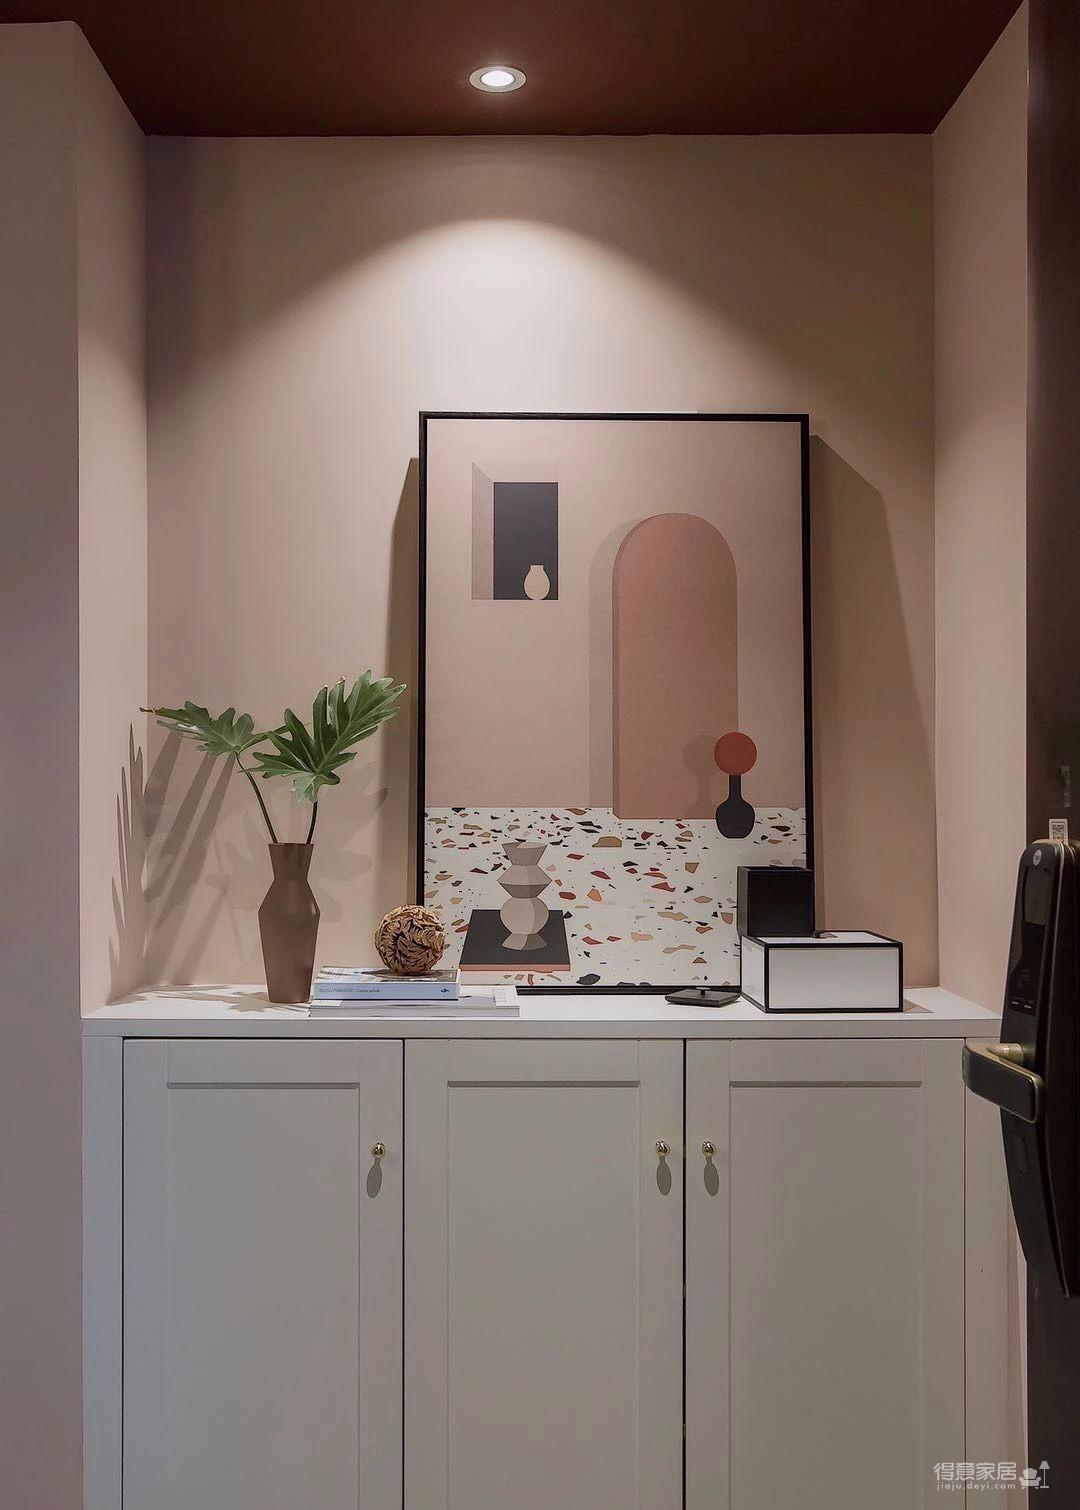 100㎡混搭风格装修,大胆的色彩搭配,打造前卫艺术家居空间 !图_2